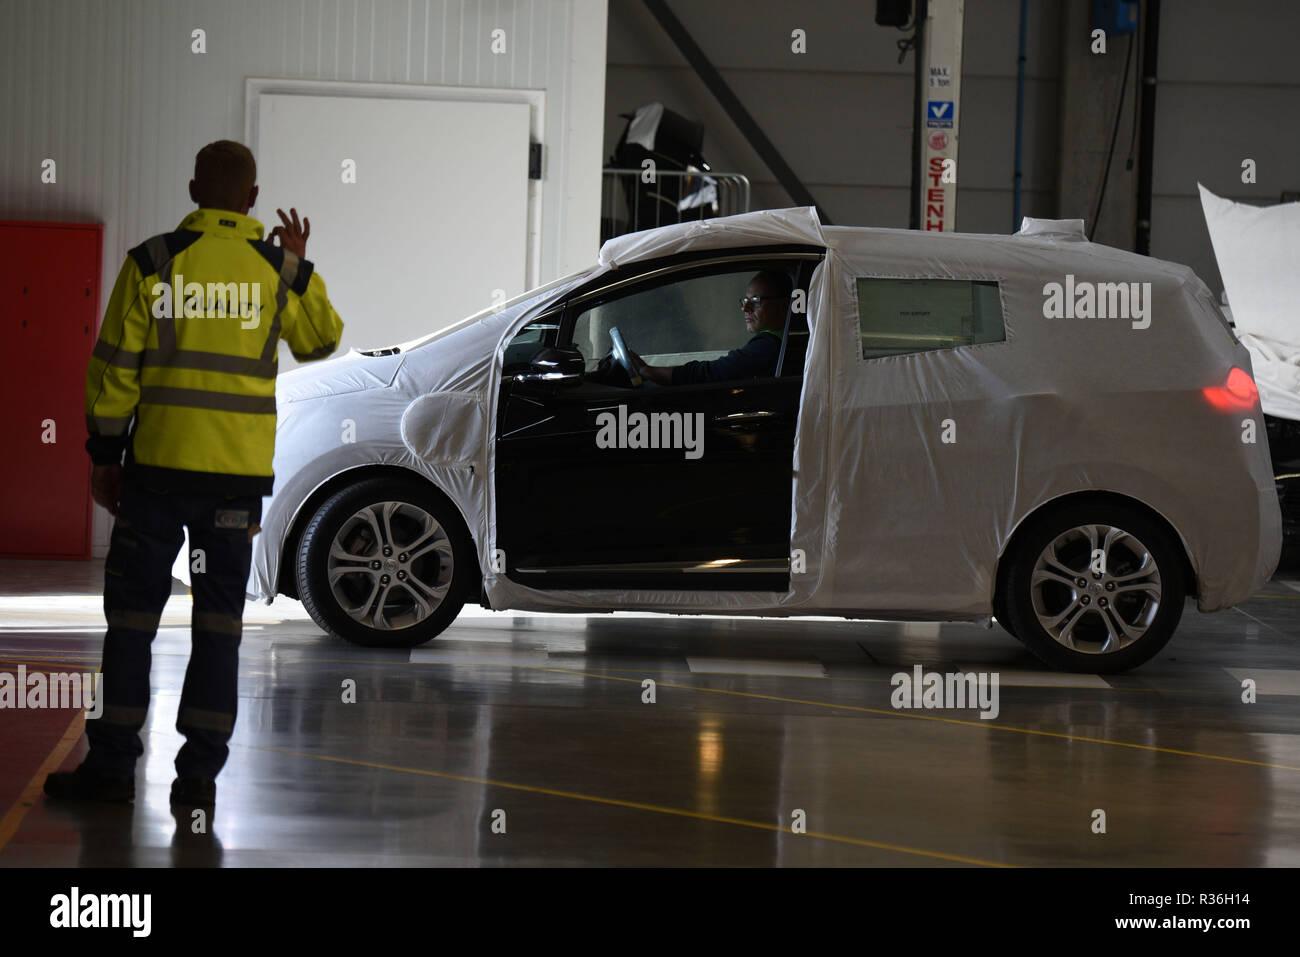 23 octobre 2018 - Zeebrugge, Belgique: les travailleurs de l'ICO (International Car Operators) vérifier les conditions de nouvelles voitures avant leur expédition à partir du port de Zeebrugge, le plus grand terminal de voiture avec 2,8 millions de véhicules en transportant d'ici chaque année. La capacité de vérifier, réparer, et personnaliser des voitures directement à partir de terminaux portuaires est l'un des principaux avantages concurrentiels de Zeebrugge. Quelques 900,000 voitures sont déplacés de et vers le Royaume-Uni chaque année, et le port de Zeebrugge se prépare pour un disque Brexit. Des employés d'ICO procedent a des controles qualite des voitures neuv Photo Stock